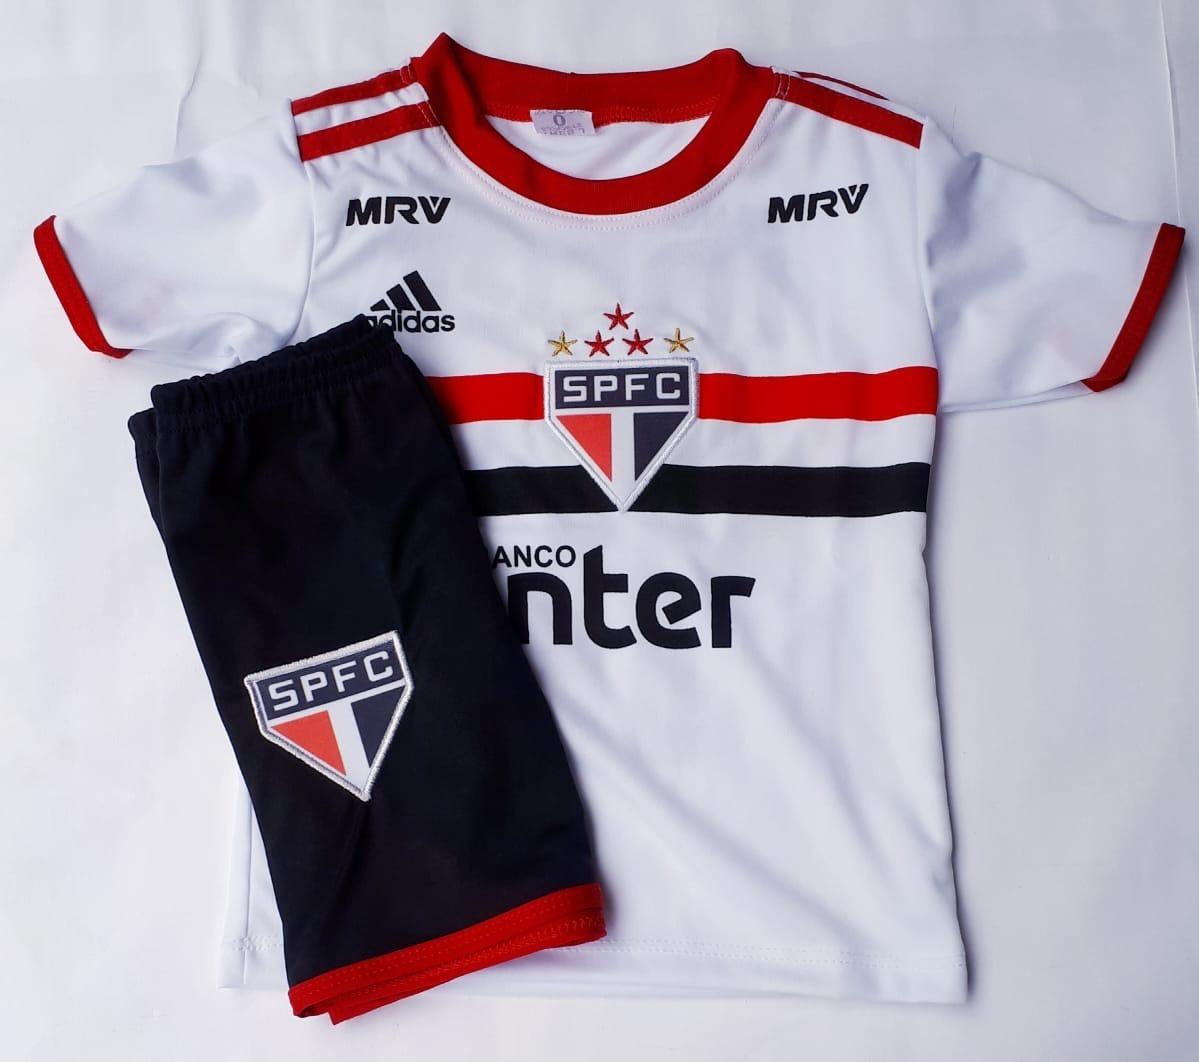 8ad4866ffe0de Kit Uniforme Infantil Do São Paulo +mochila Tipo Saco - R  45